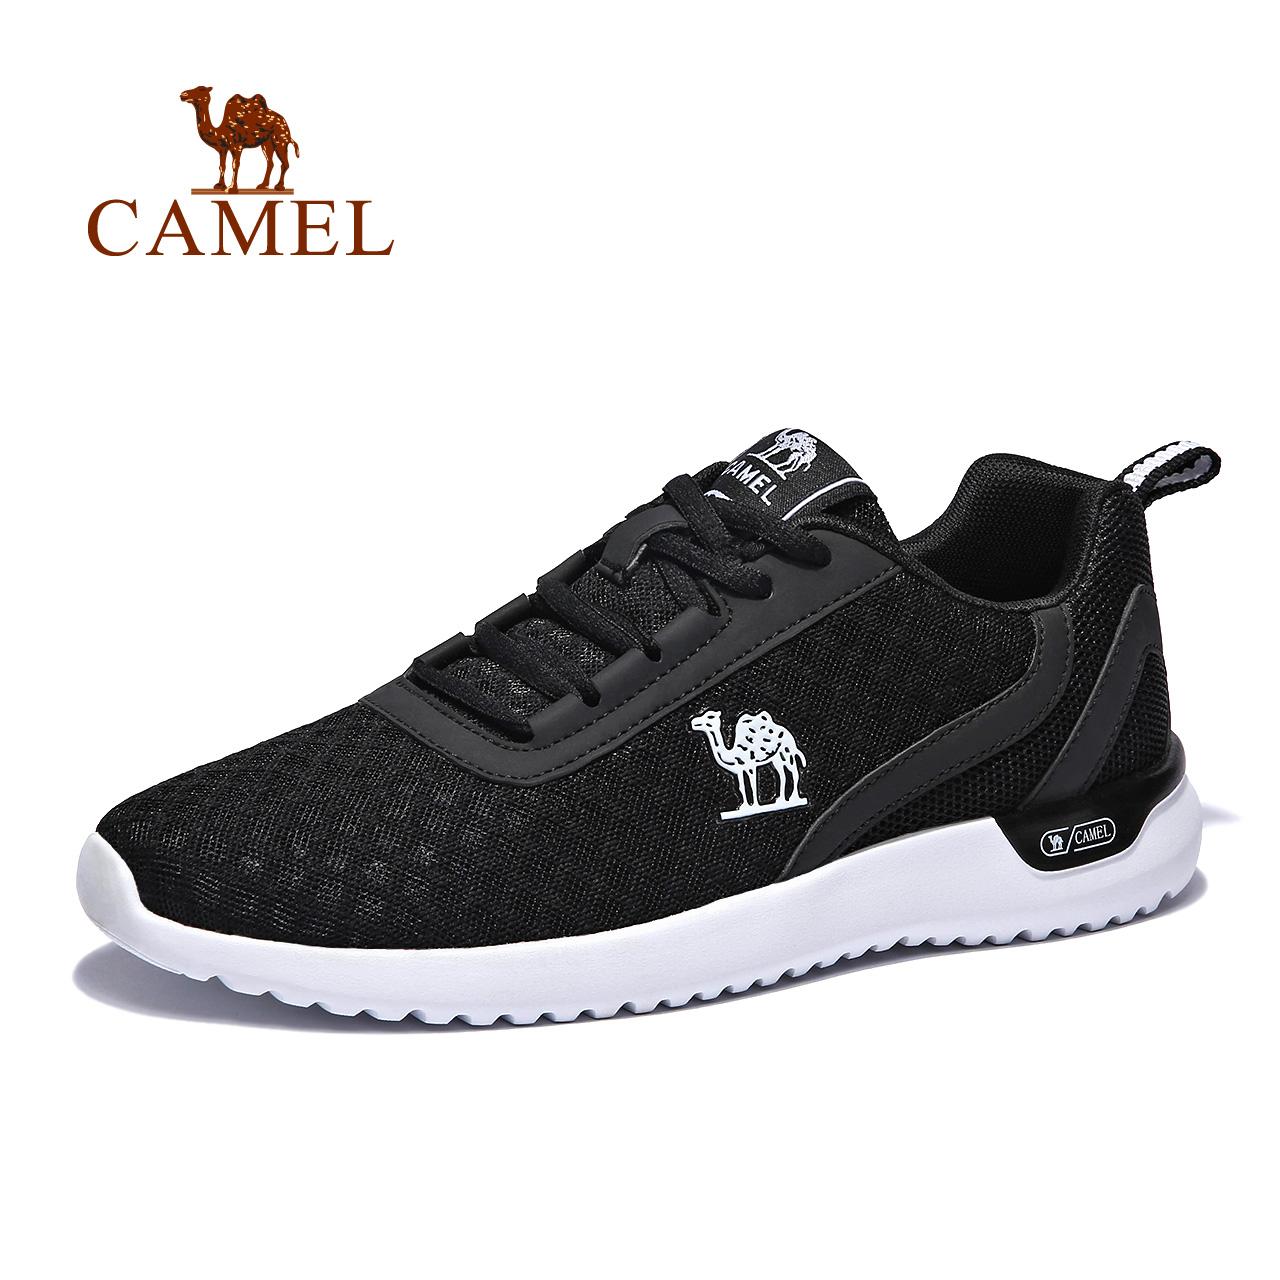 Camel/骆驼正品牌运动鞋男士轻便网布透气减震耐磨越野简约跑步鞋